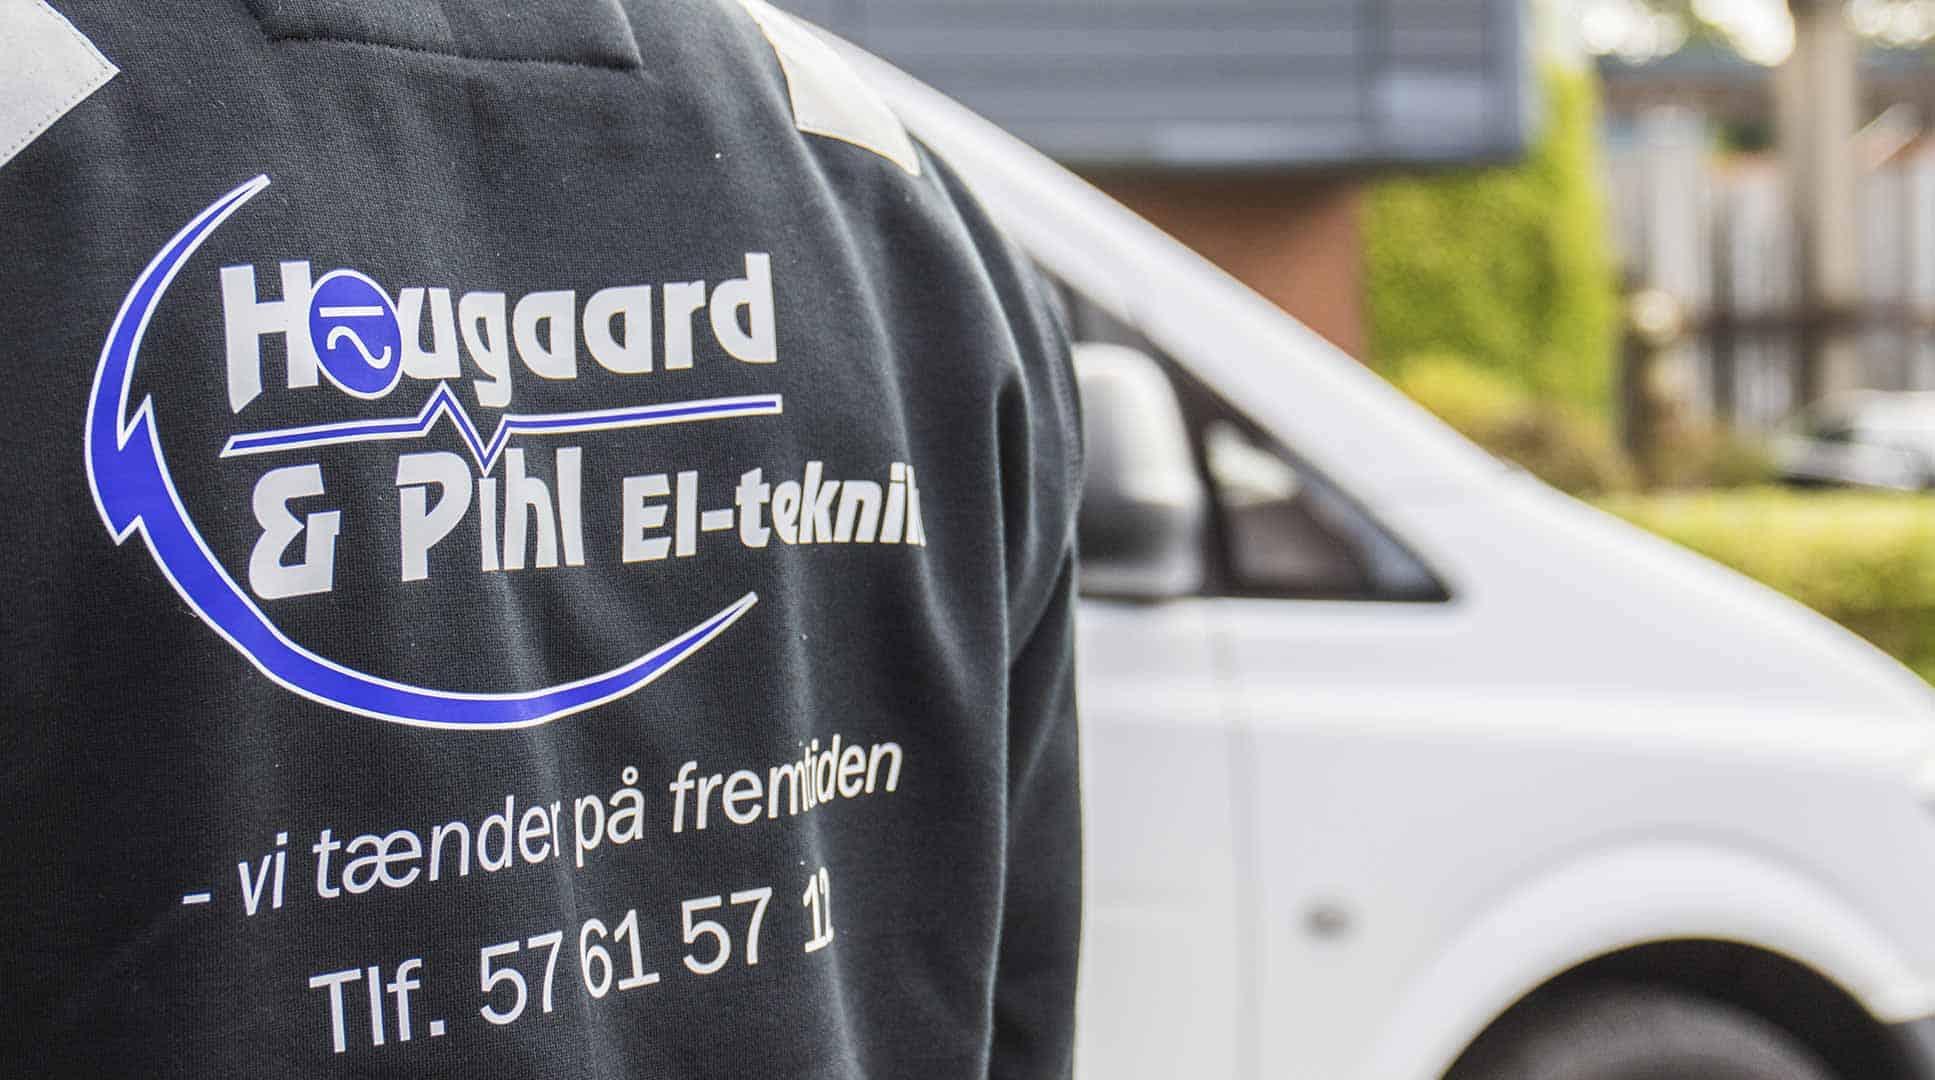 Logo på medarbejder til Hougaard & Pihl El-teknik